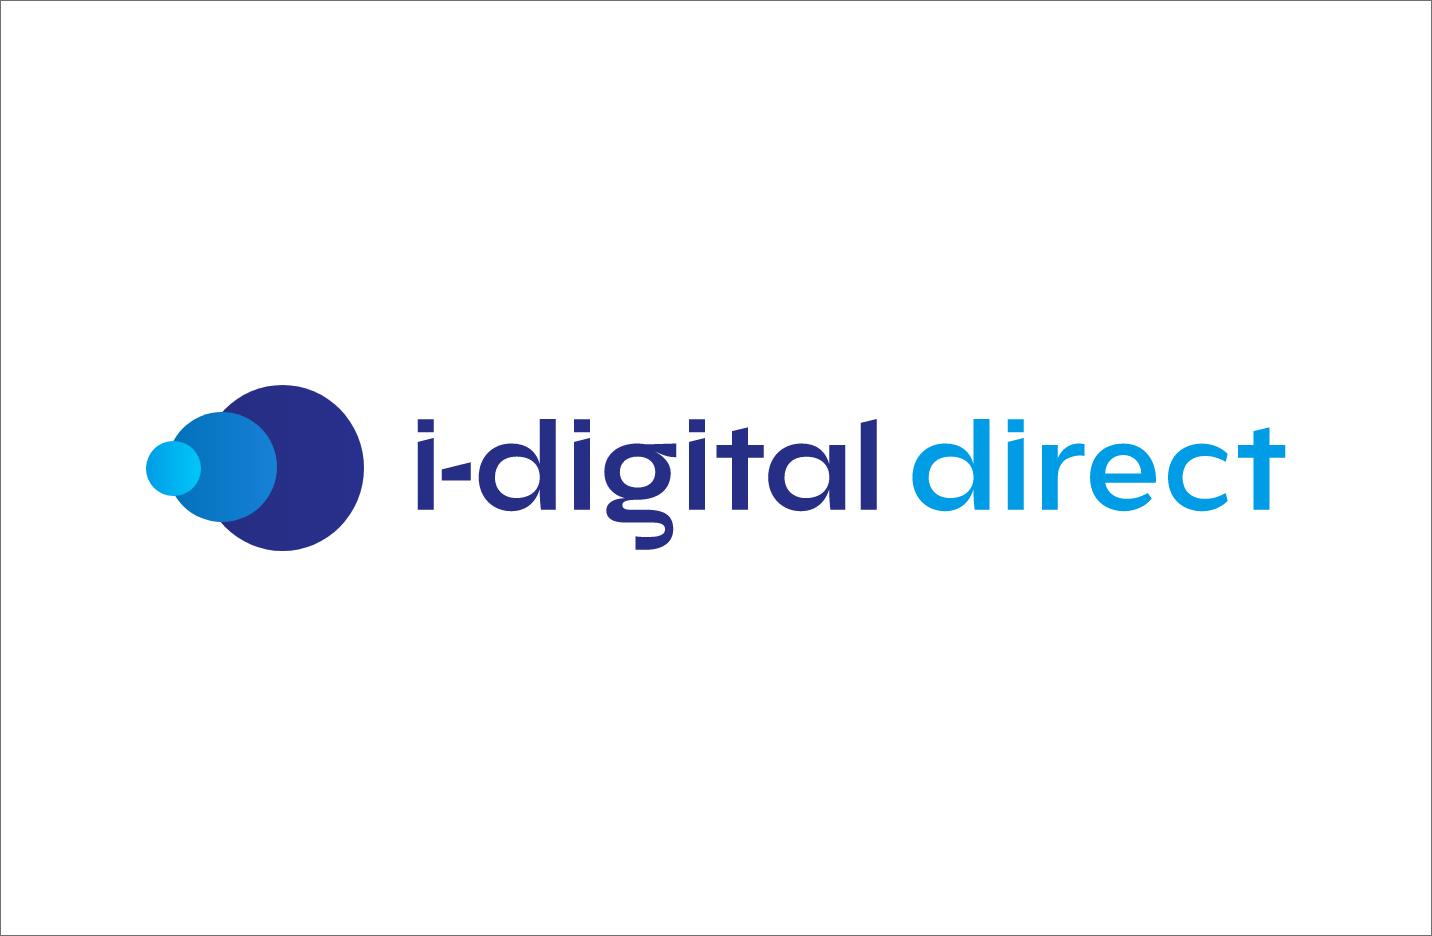 i-digital direct